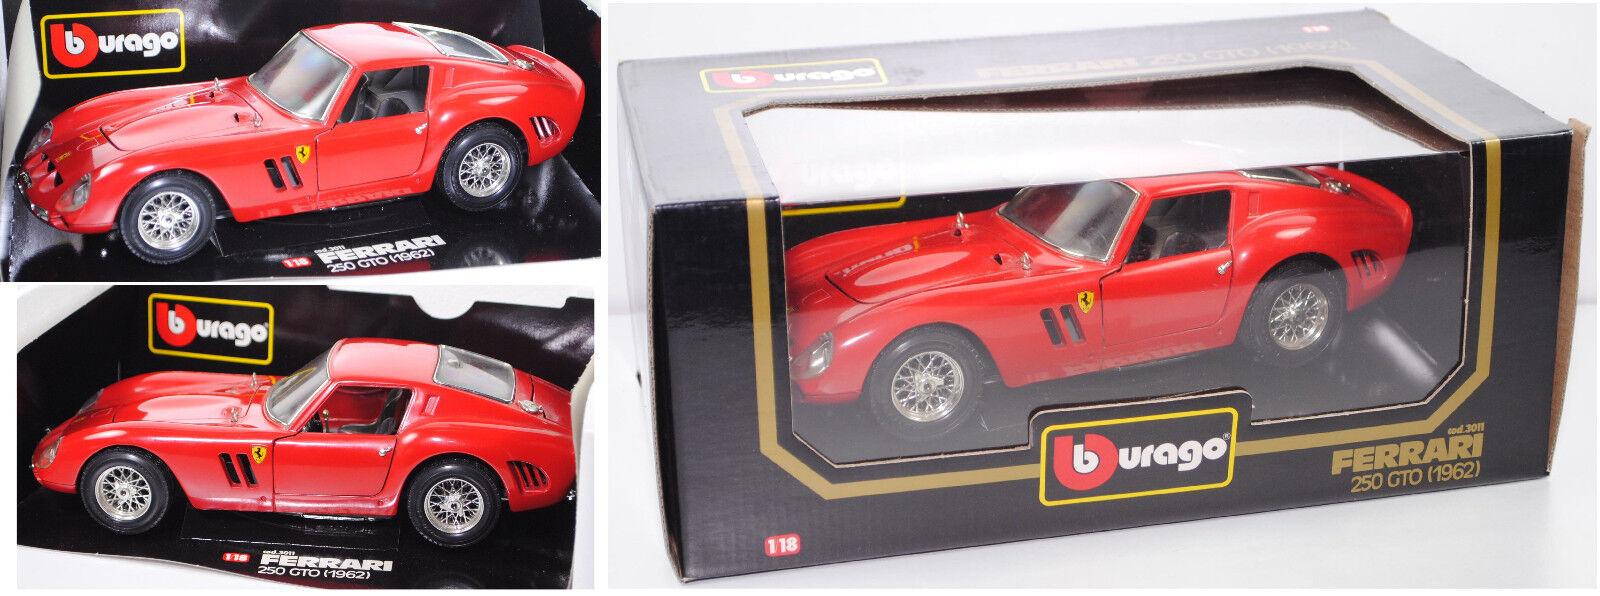 Bburago 3011 FERRARI 250 GTO Verkehrsrouge, 1 18